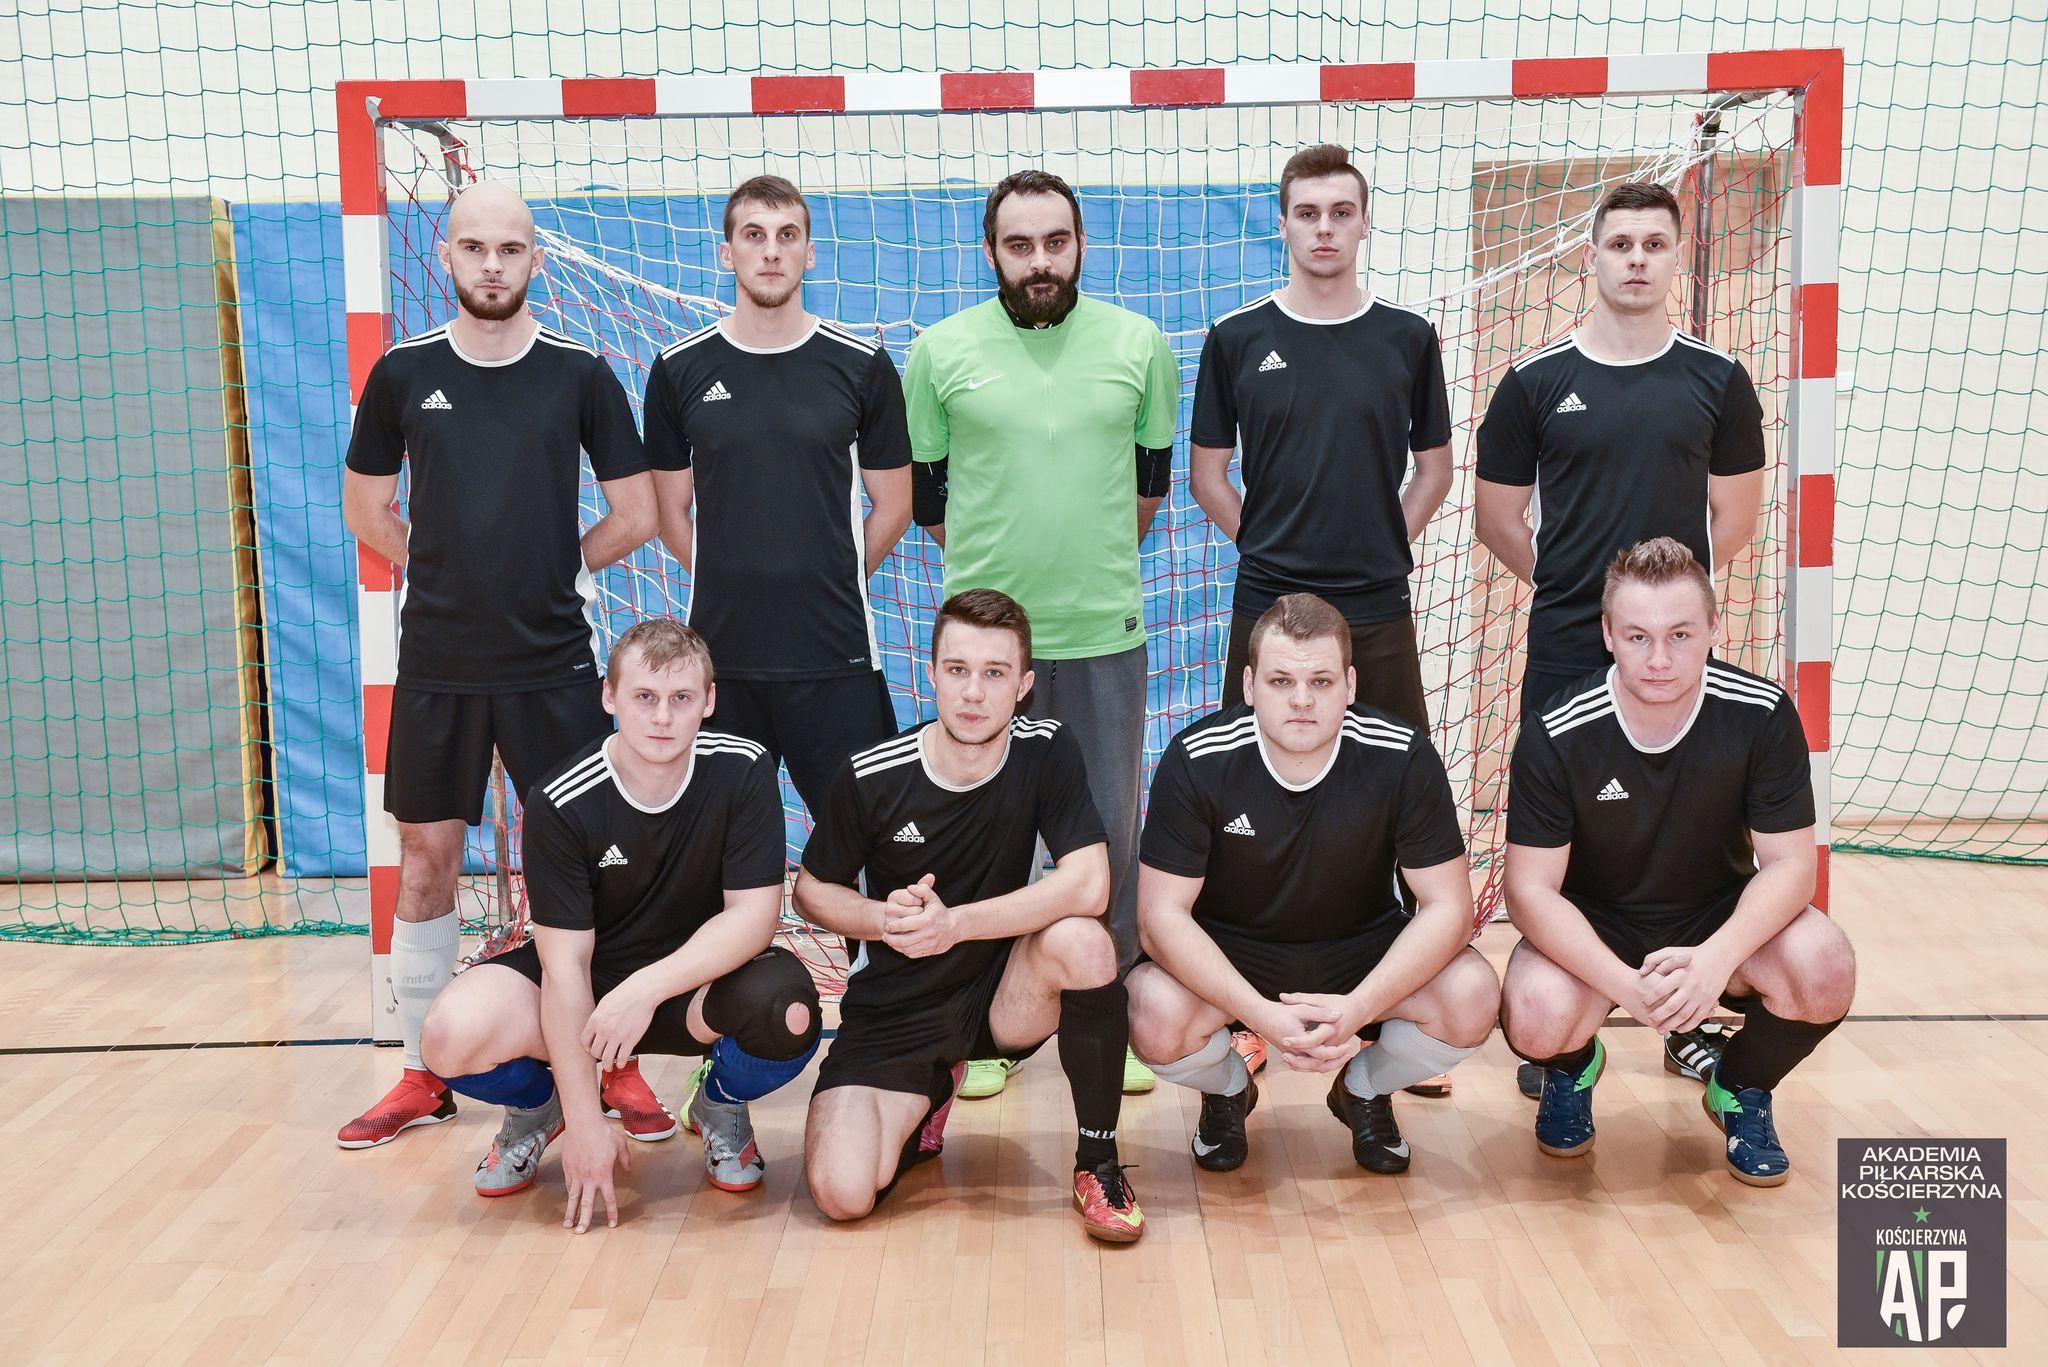 Kościerska Halowa Liga Piłki Nożnej ZBUDOWANI z Repiński.pl rozpoczęła rozgrywki